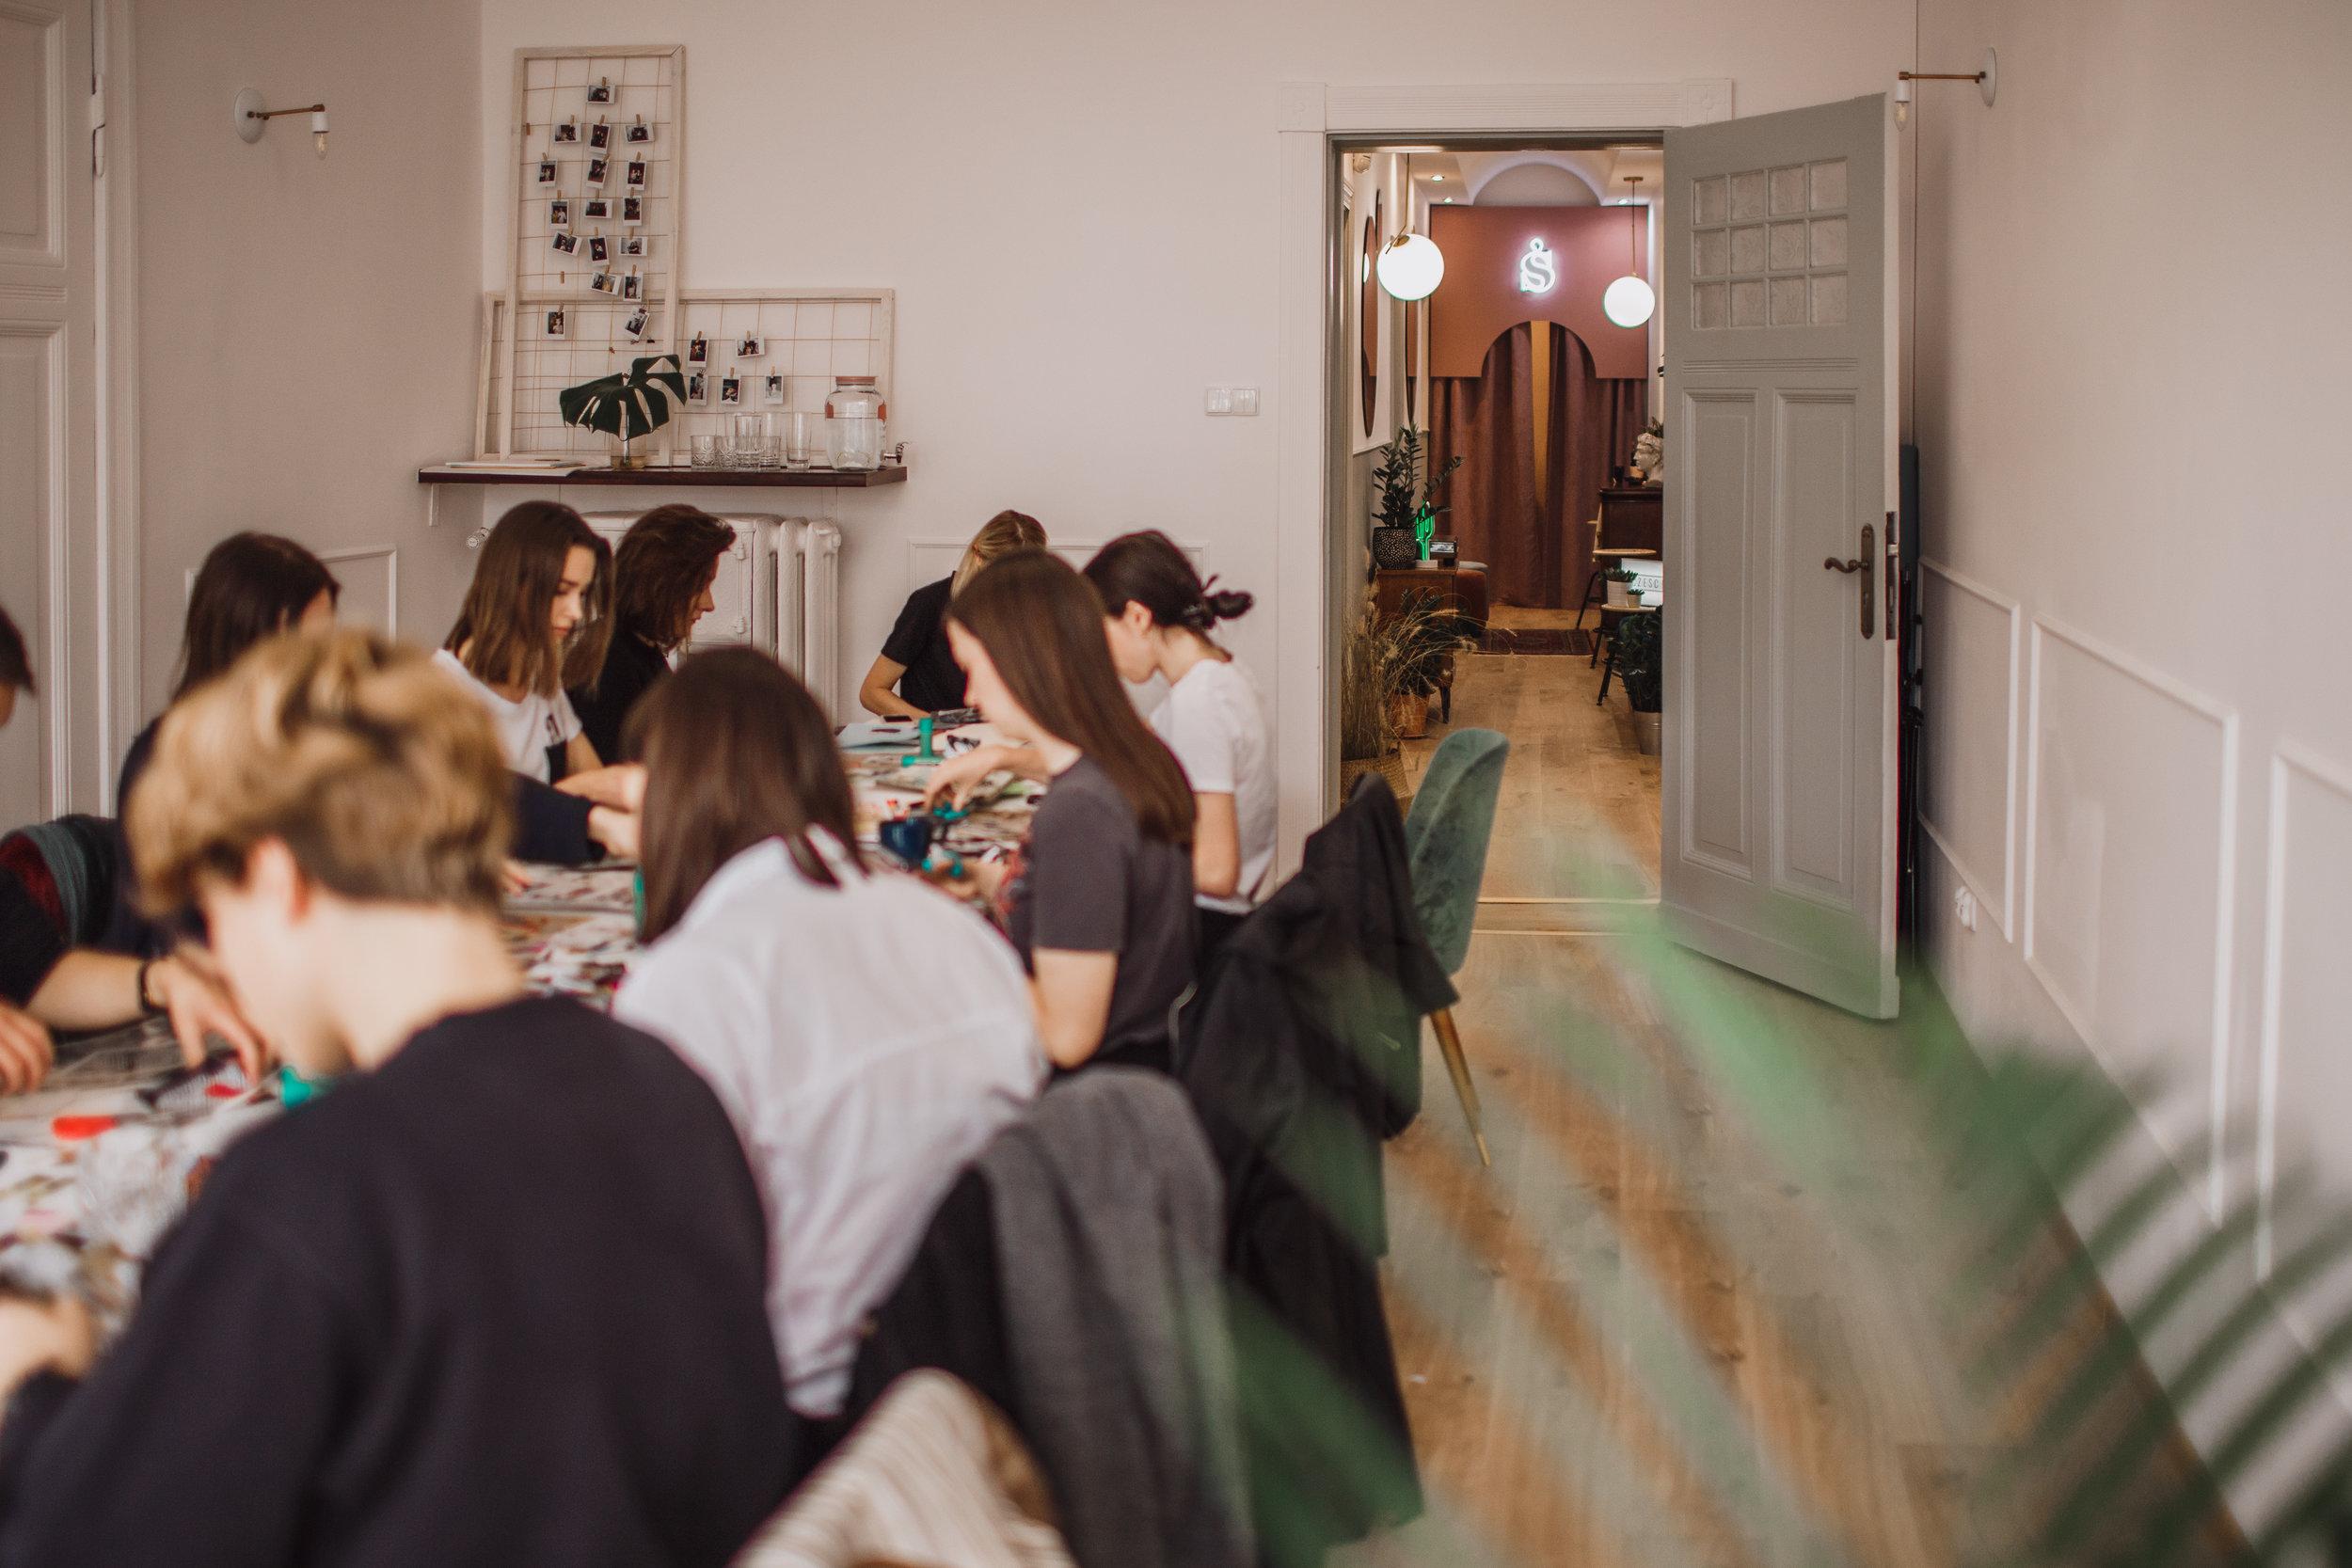 Sala warsztatowa,szkoleniowa - Szukasz kameralnej i pięknej przestrzeni dla swojego wydarzenia?